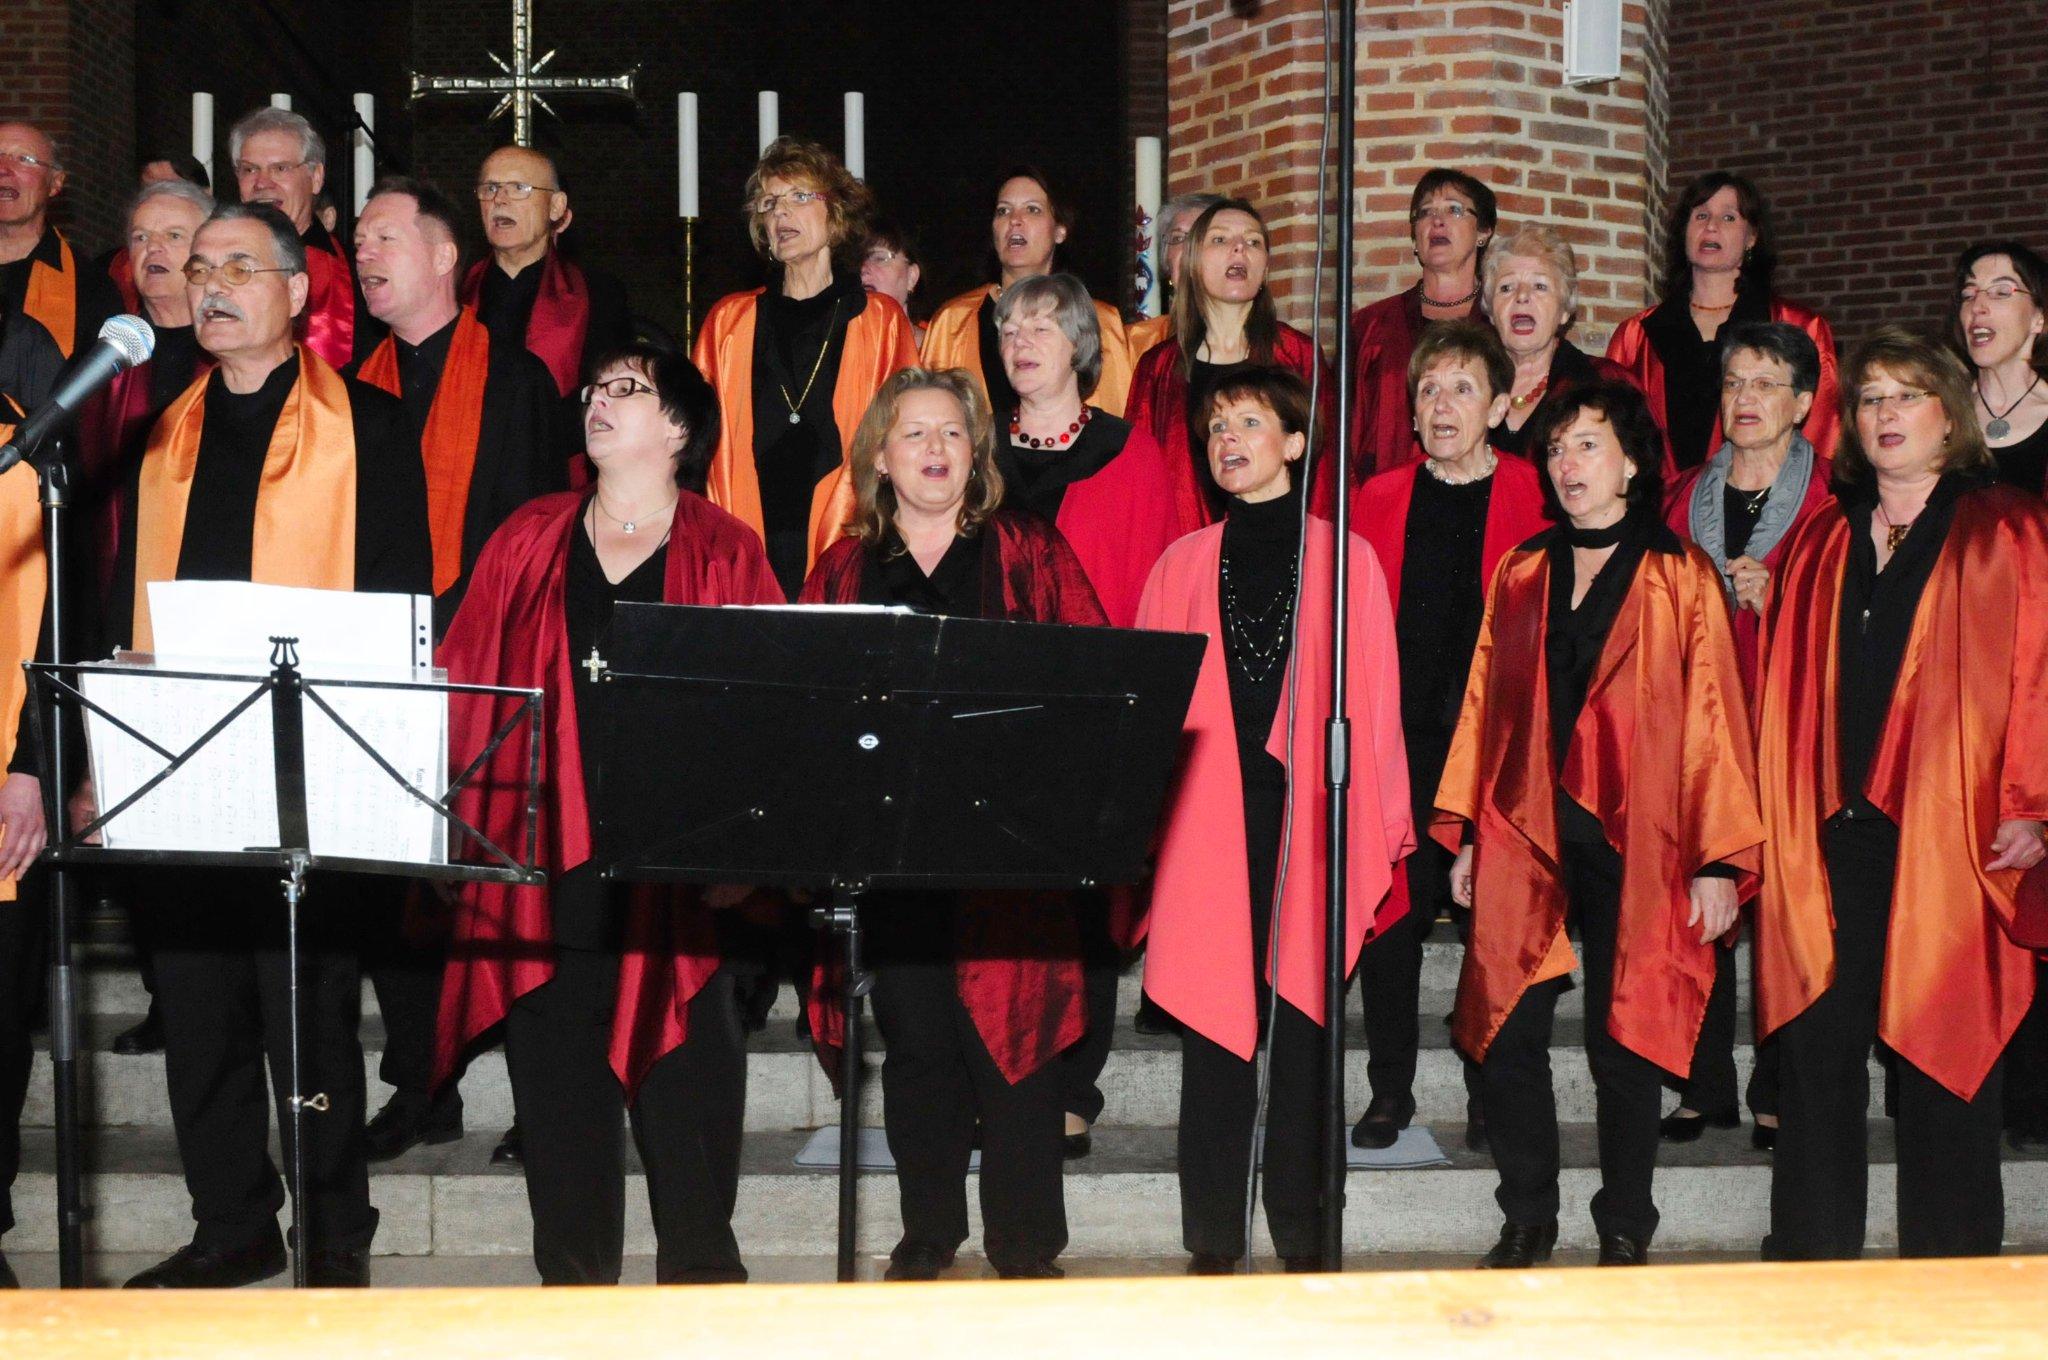 20120422 Reformations Gedaechtniskirche 041